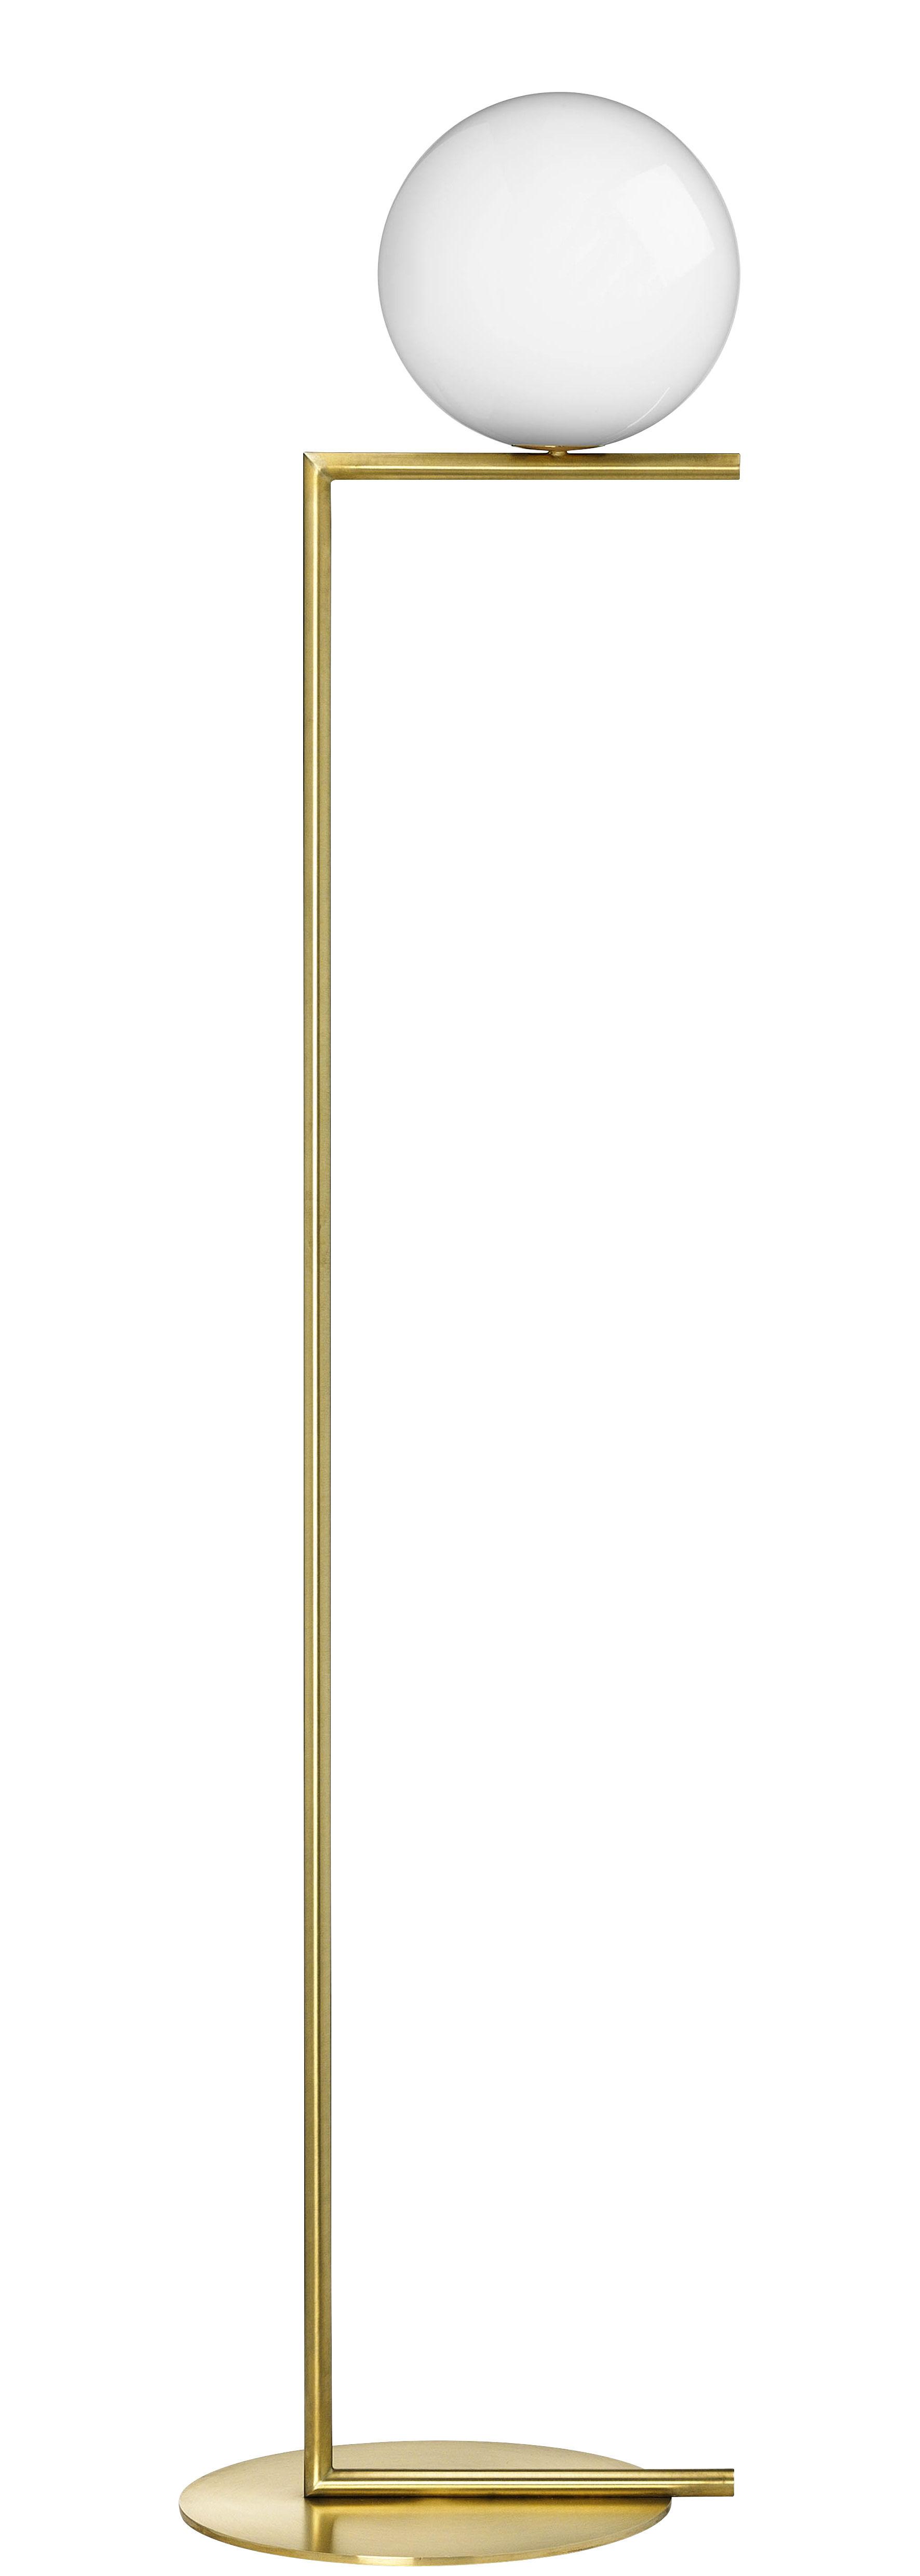 Illuminazione - Lampade da terra - Lampada a stelo IC F1 - / H 135 cm di Flos - Ottone - Acciaio, vetro soffiato